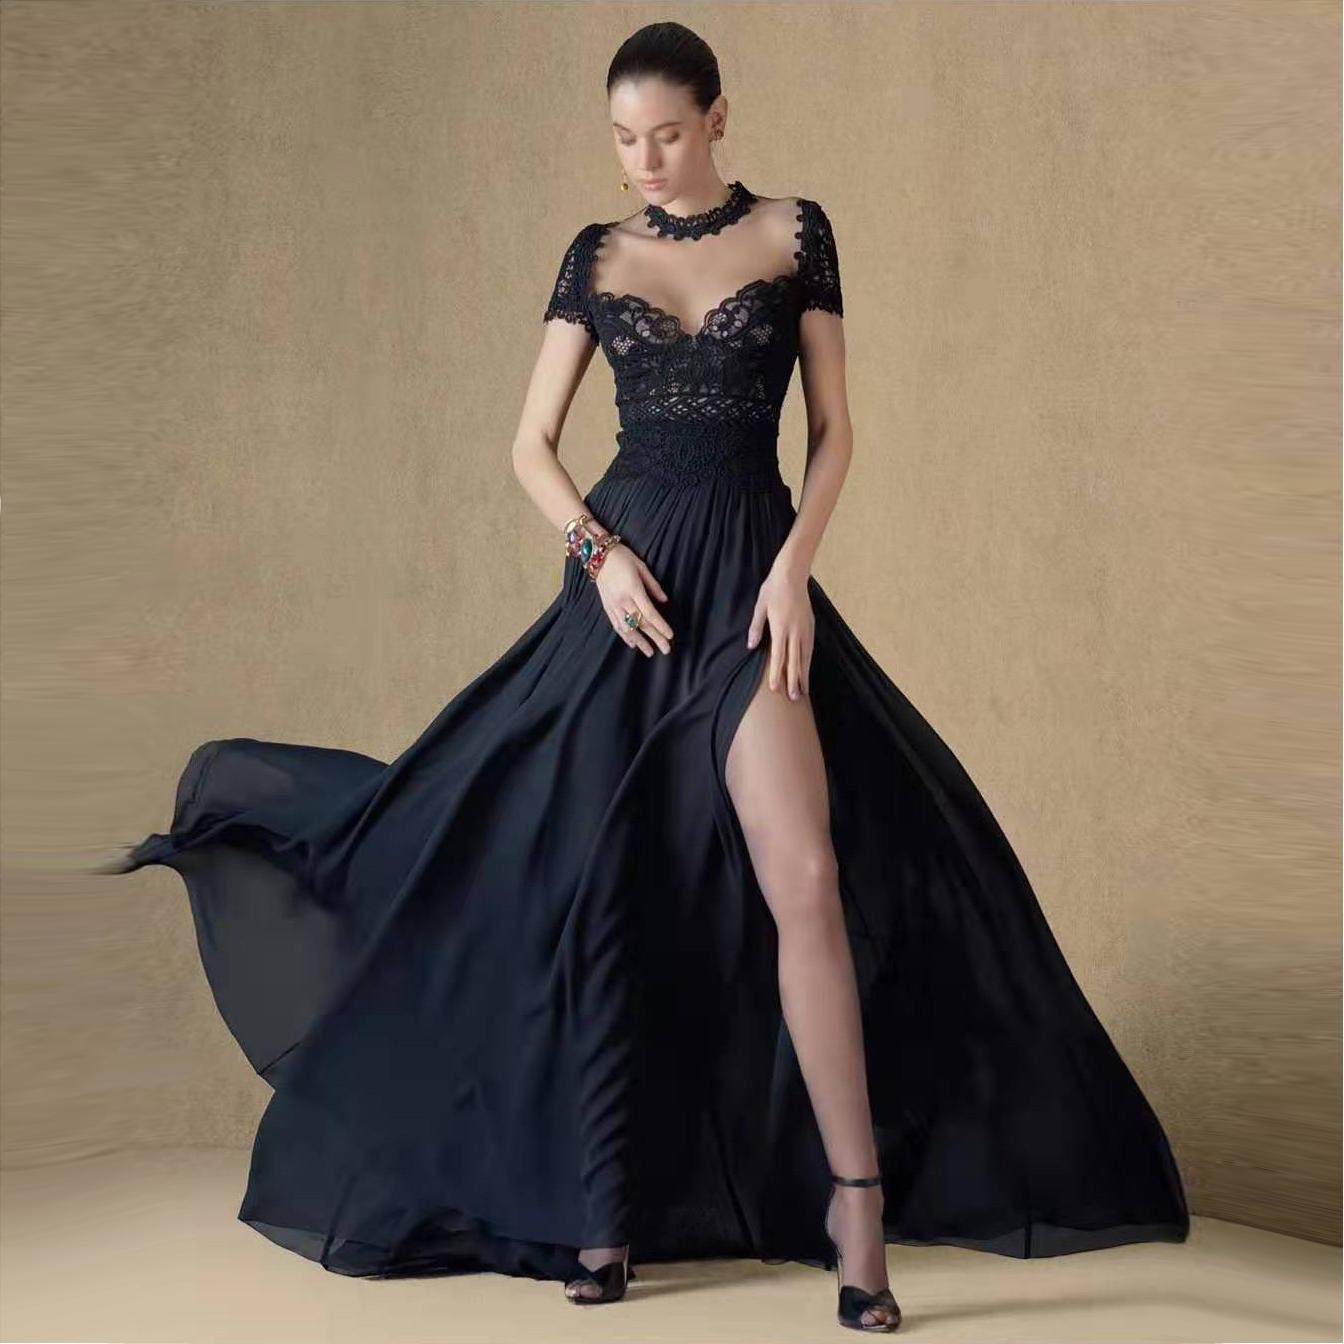 12 Schwarz Sexy Elie Saab Abendkleider Keyhole Ausschnitt Split Side  kurze Ärmel Abendkleid Plus Size Abendkleider